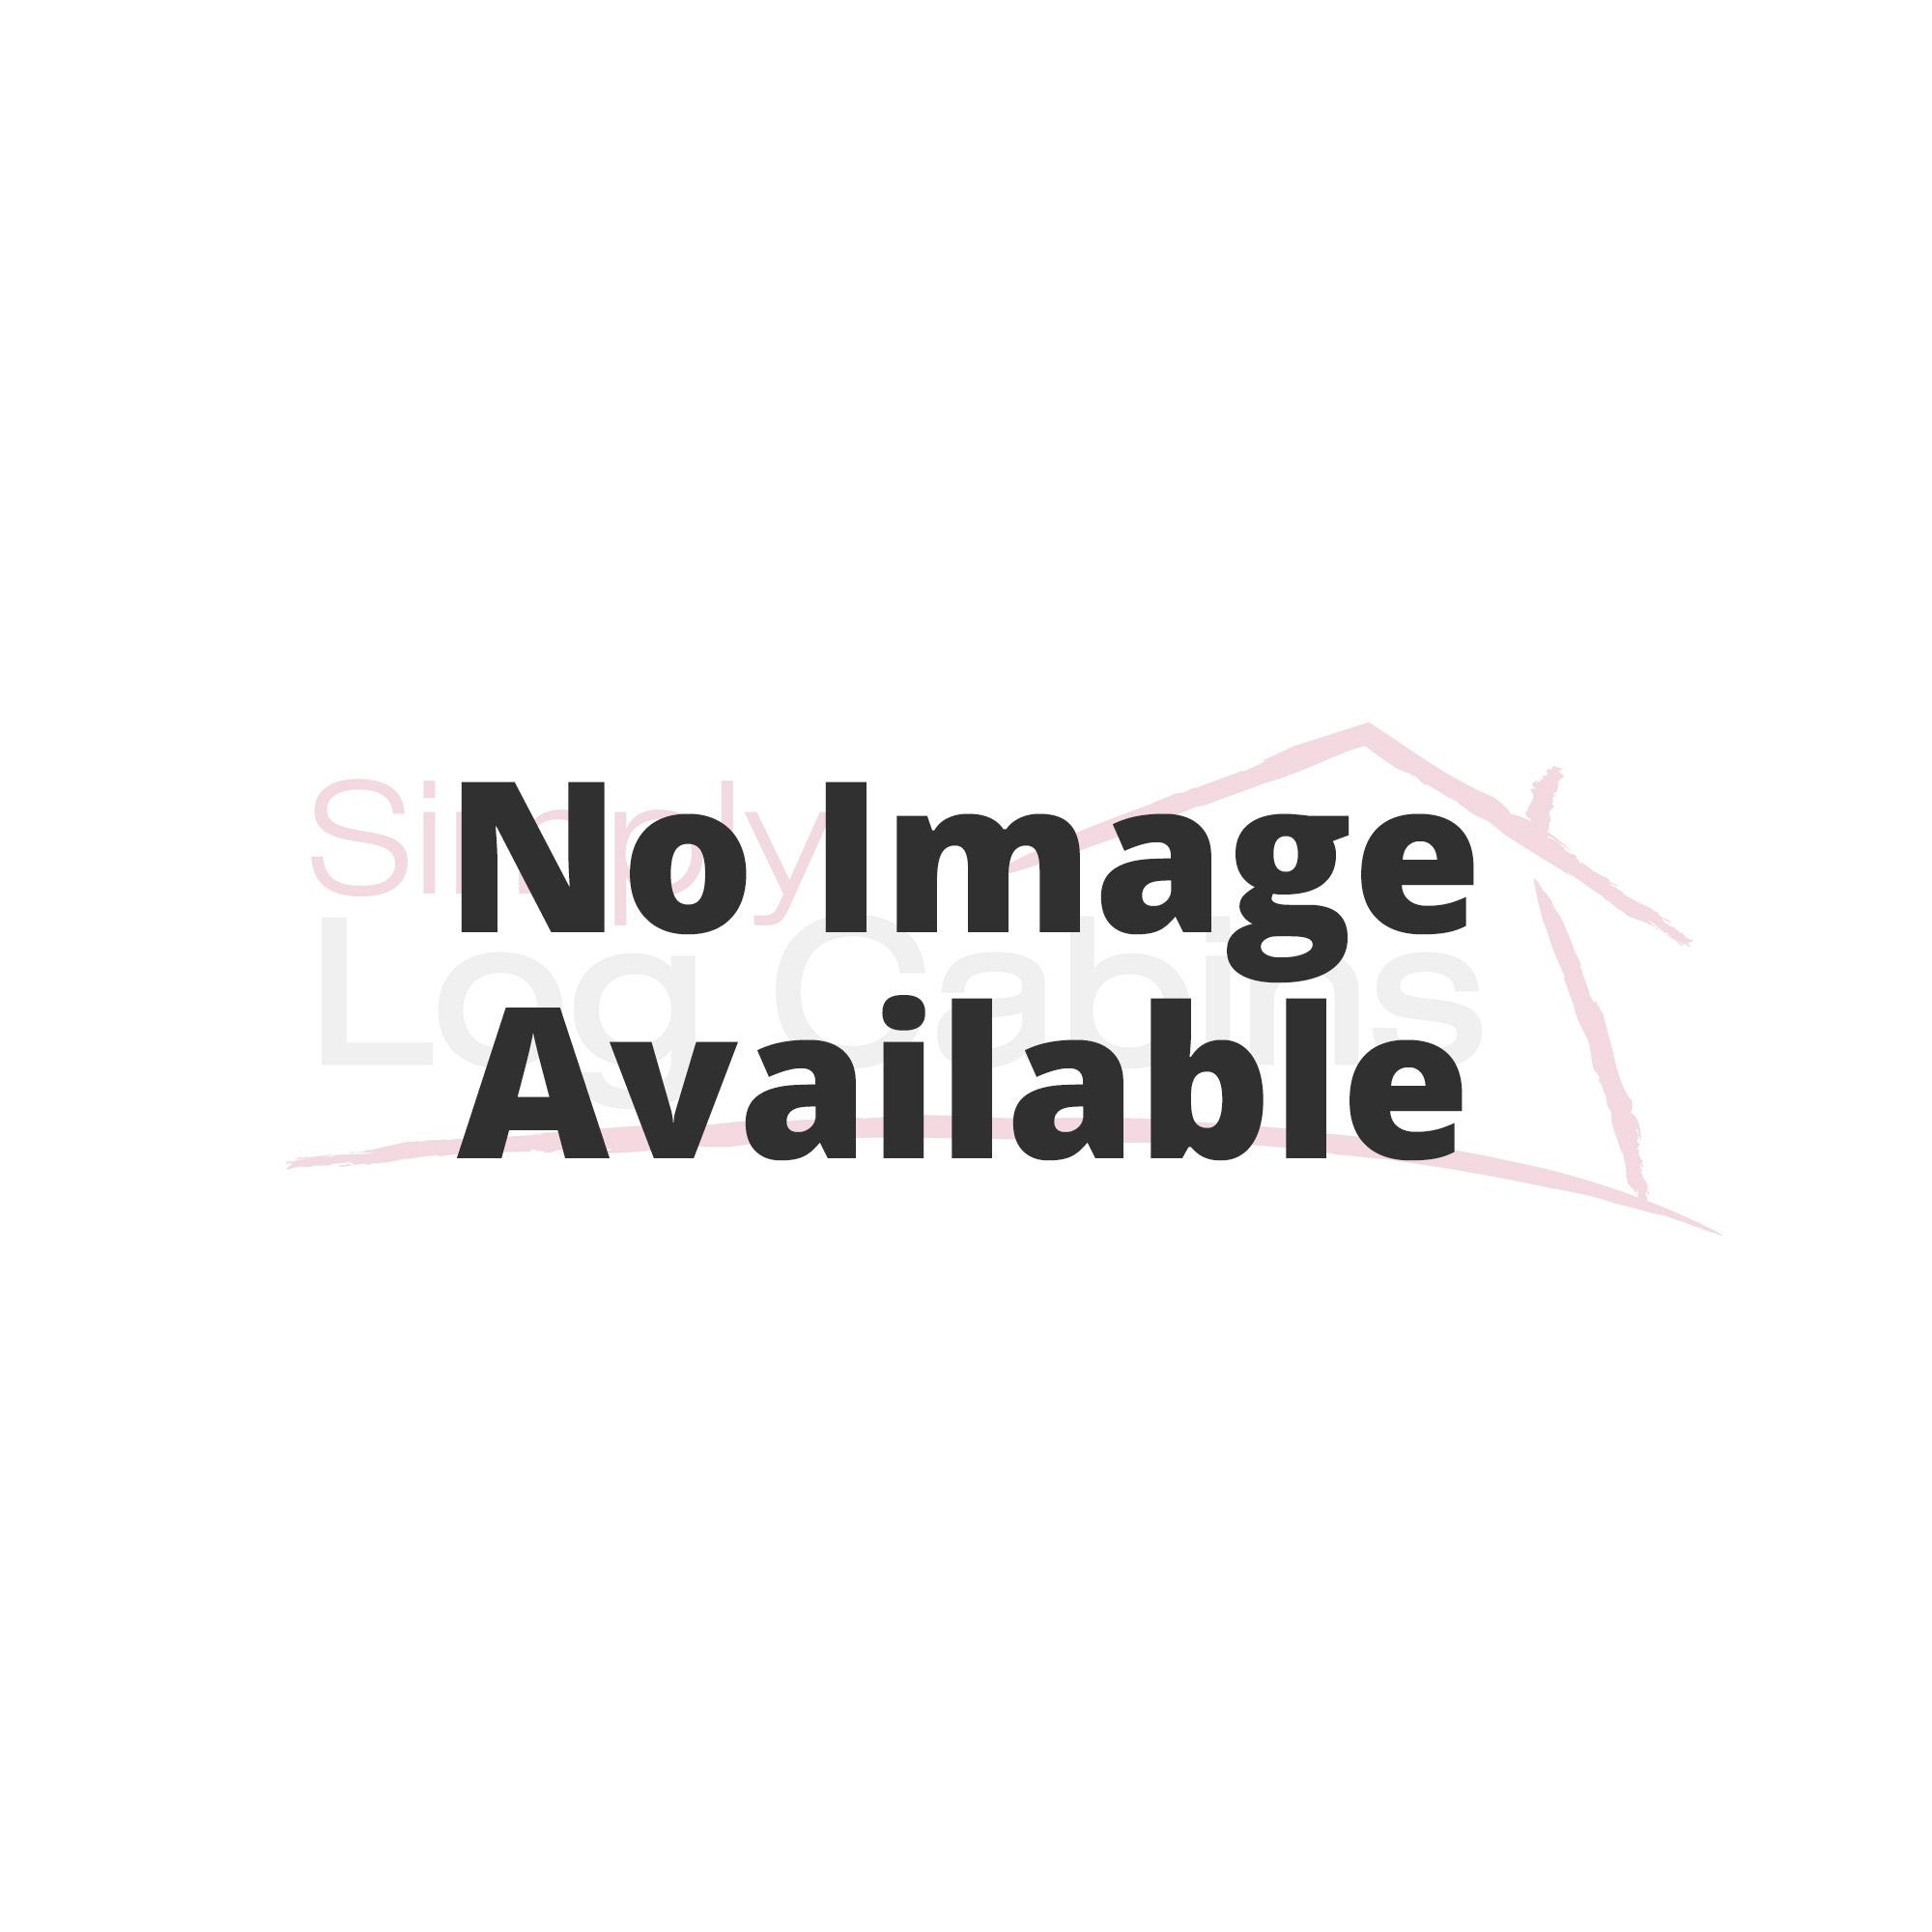 gudrum rutland corner log cabin summer house x. Black Bedroom Furniture Sets. Home Design Ideas